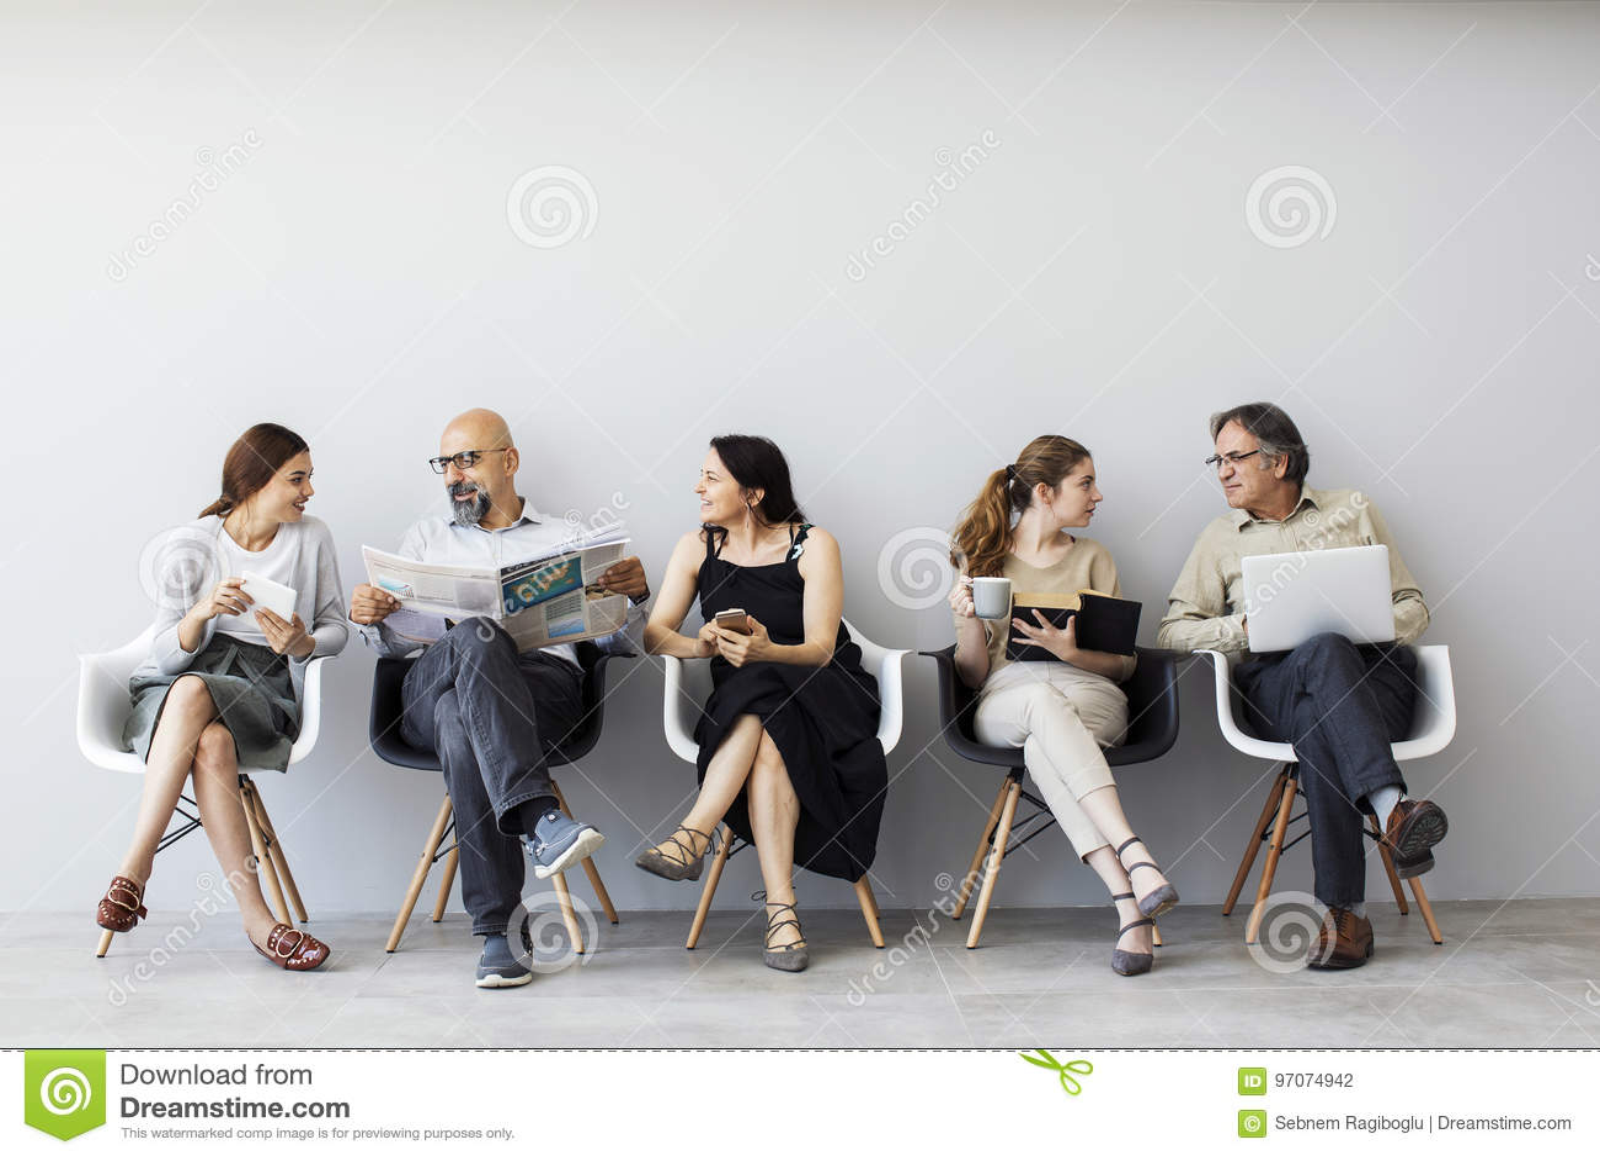 Συνεδρίαση ομάδας ανθρώπων στις καρέκλες